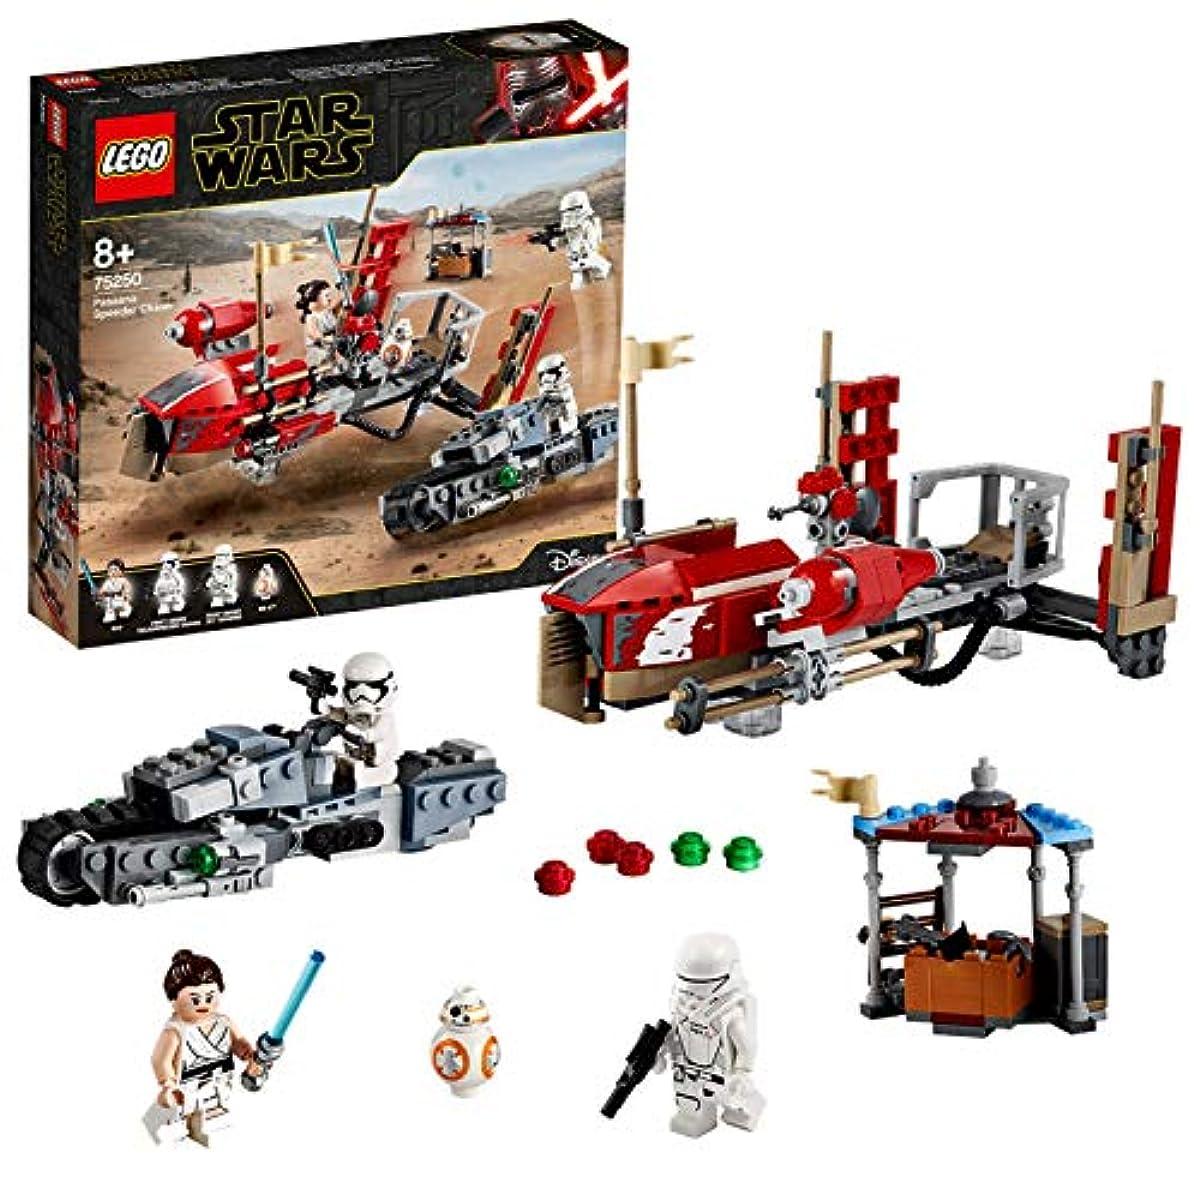 [해외] 레고(LEGO) 스타워즈 파사안나의 스피더(speeder) 최 의자 75250